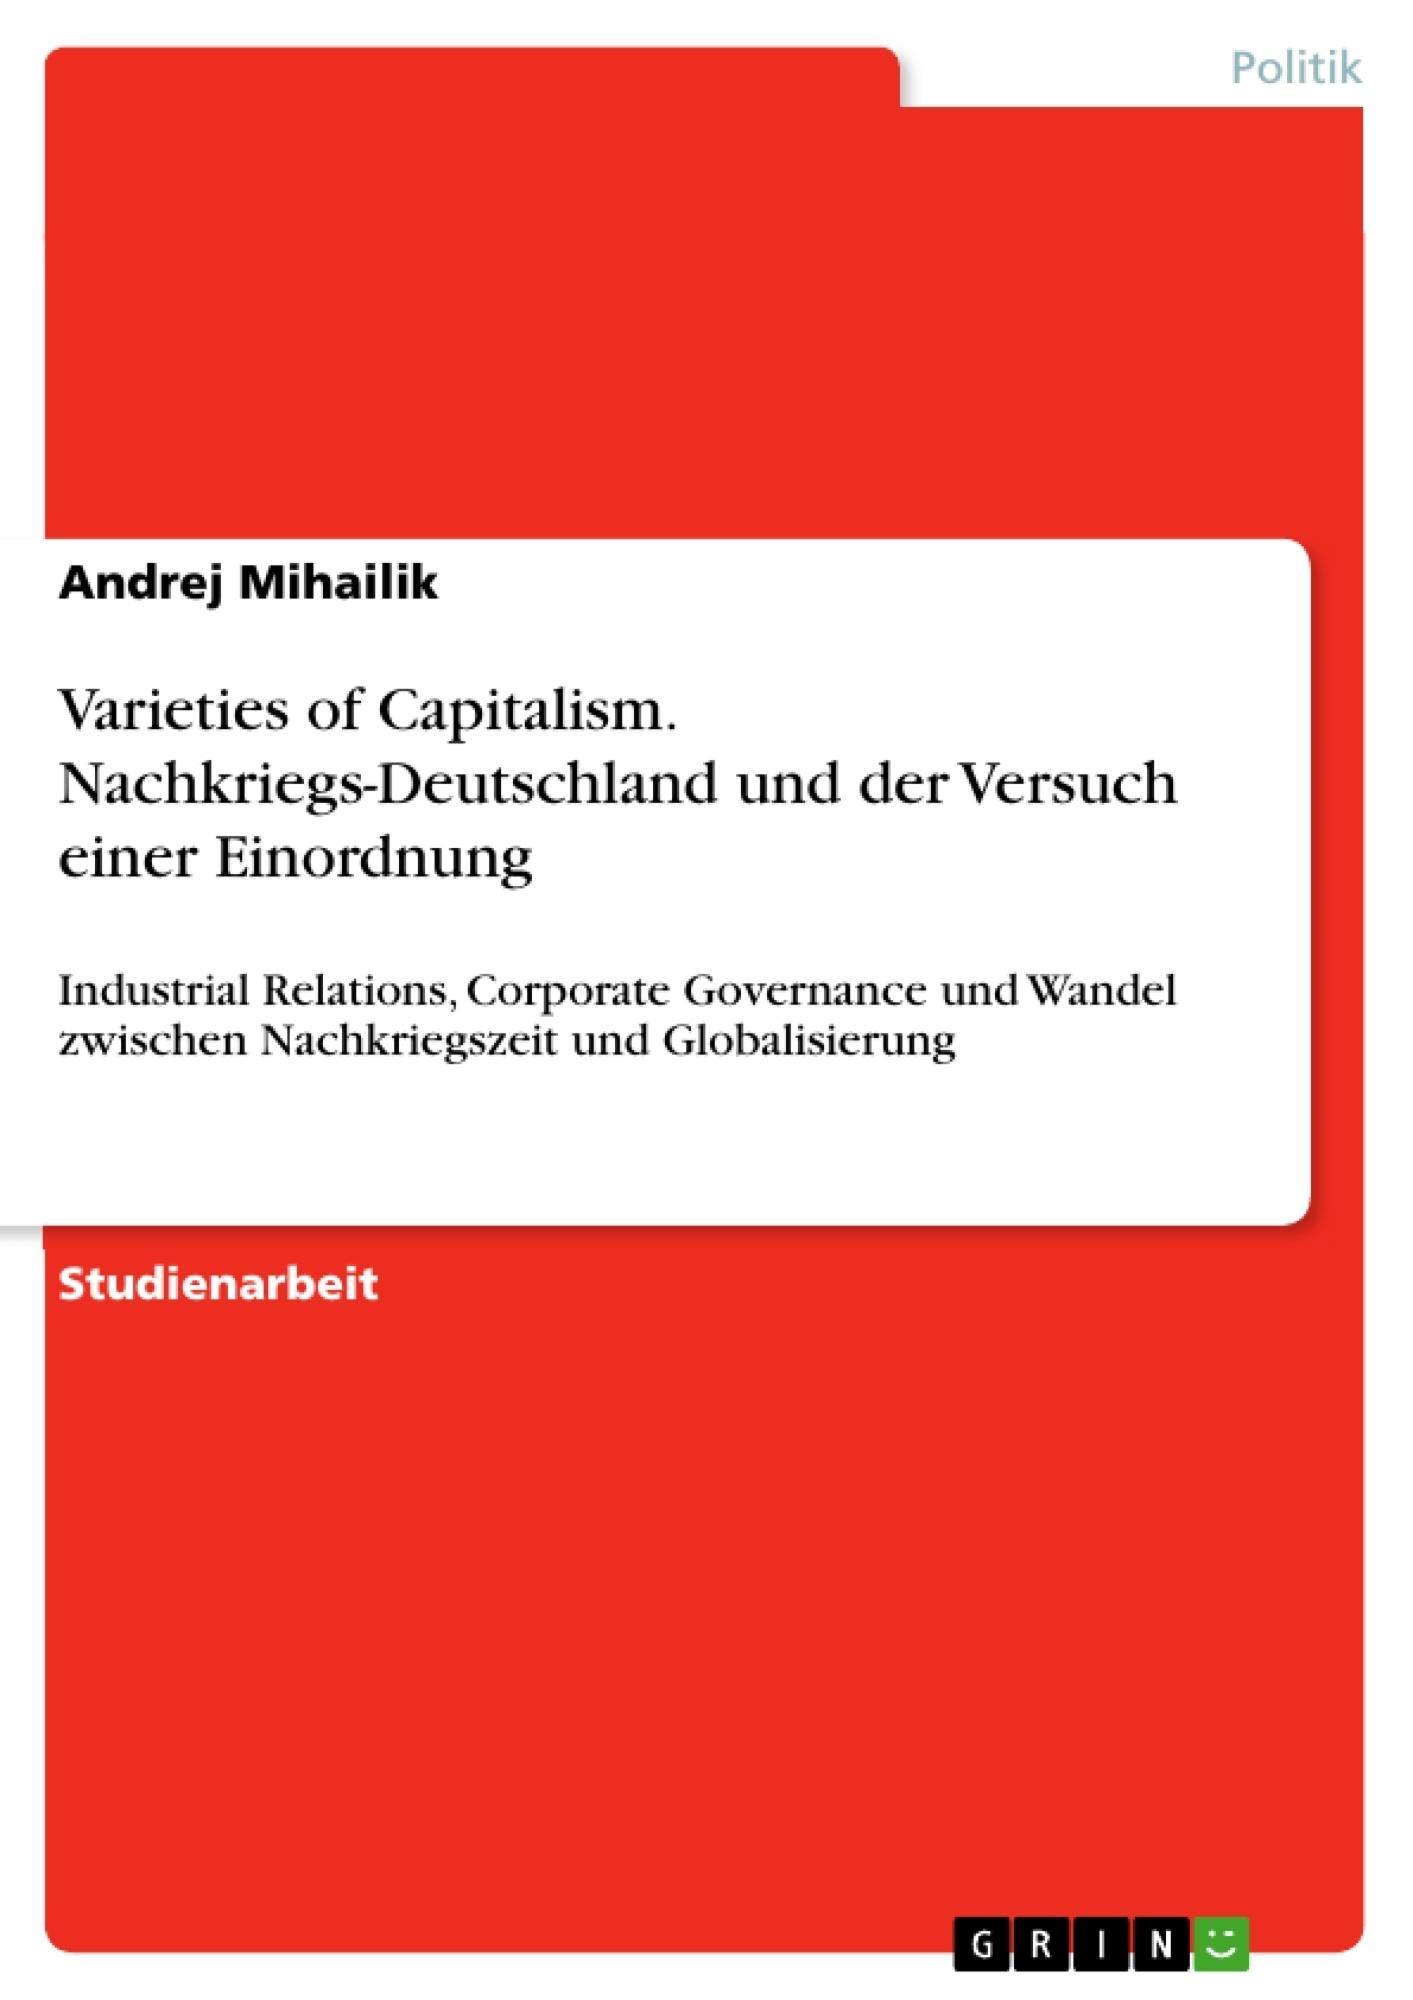 Titel: Varieties of Capitalism. Nachkriegs-Deutschland und der Versuch einer Einordnung